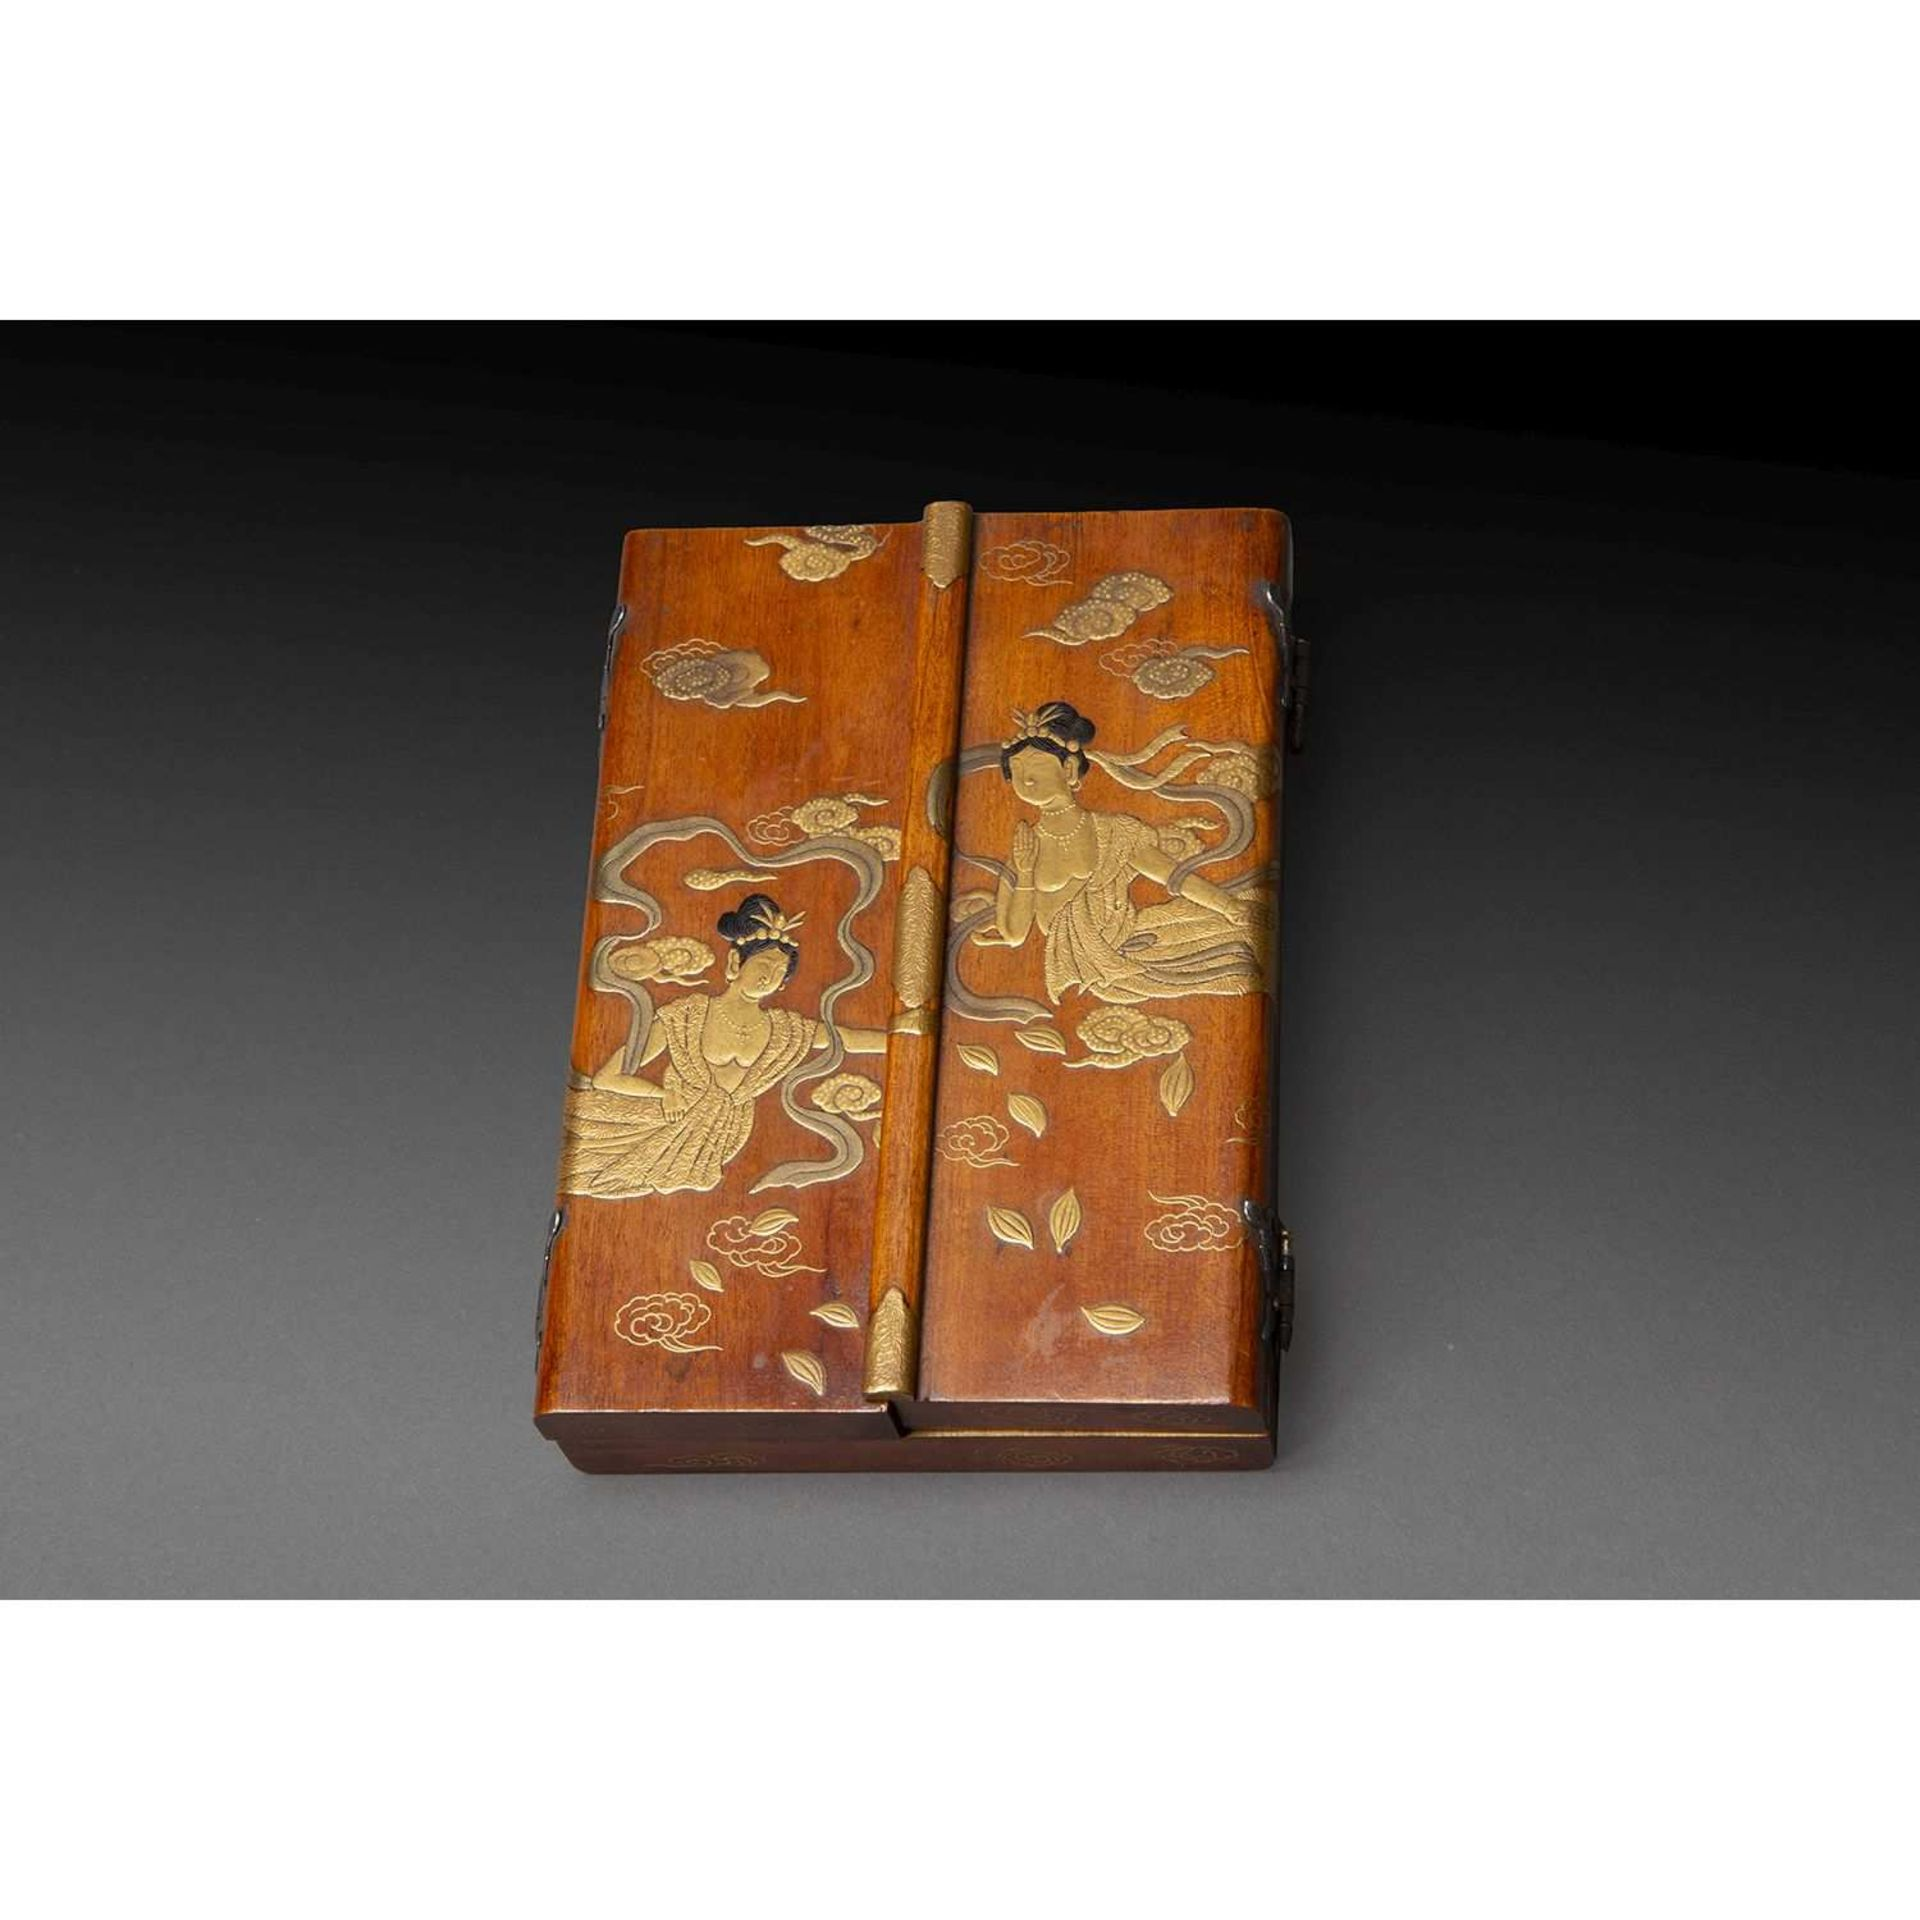 BEAU RELIQUAIRE ZUSHI en bois de belle patine, les portes ornées en takamaki-e de laque or de deux